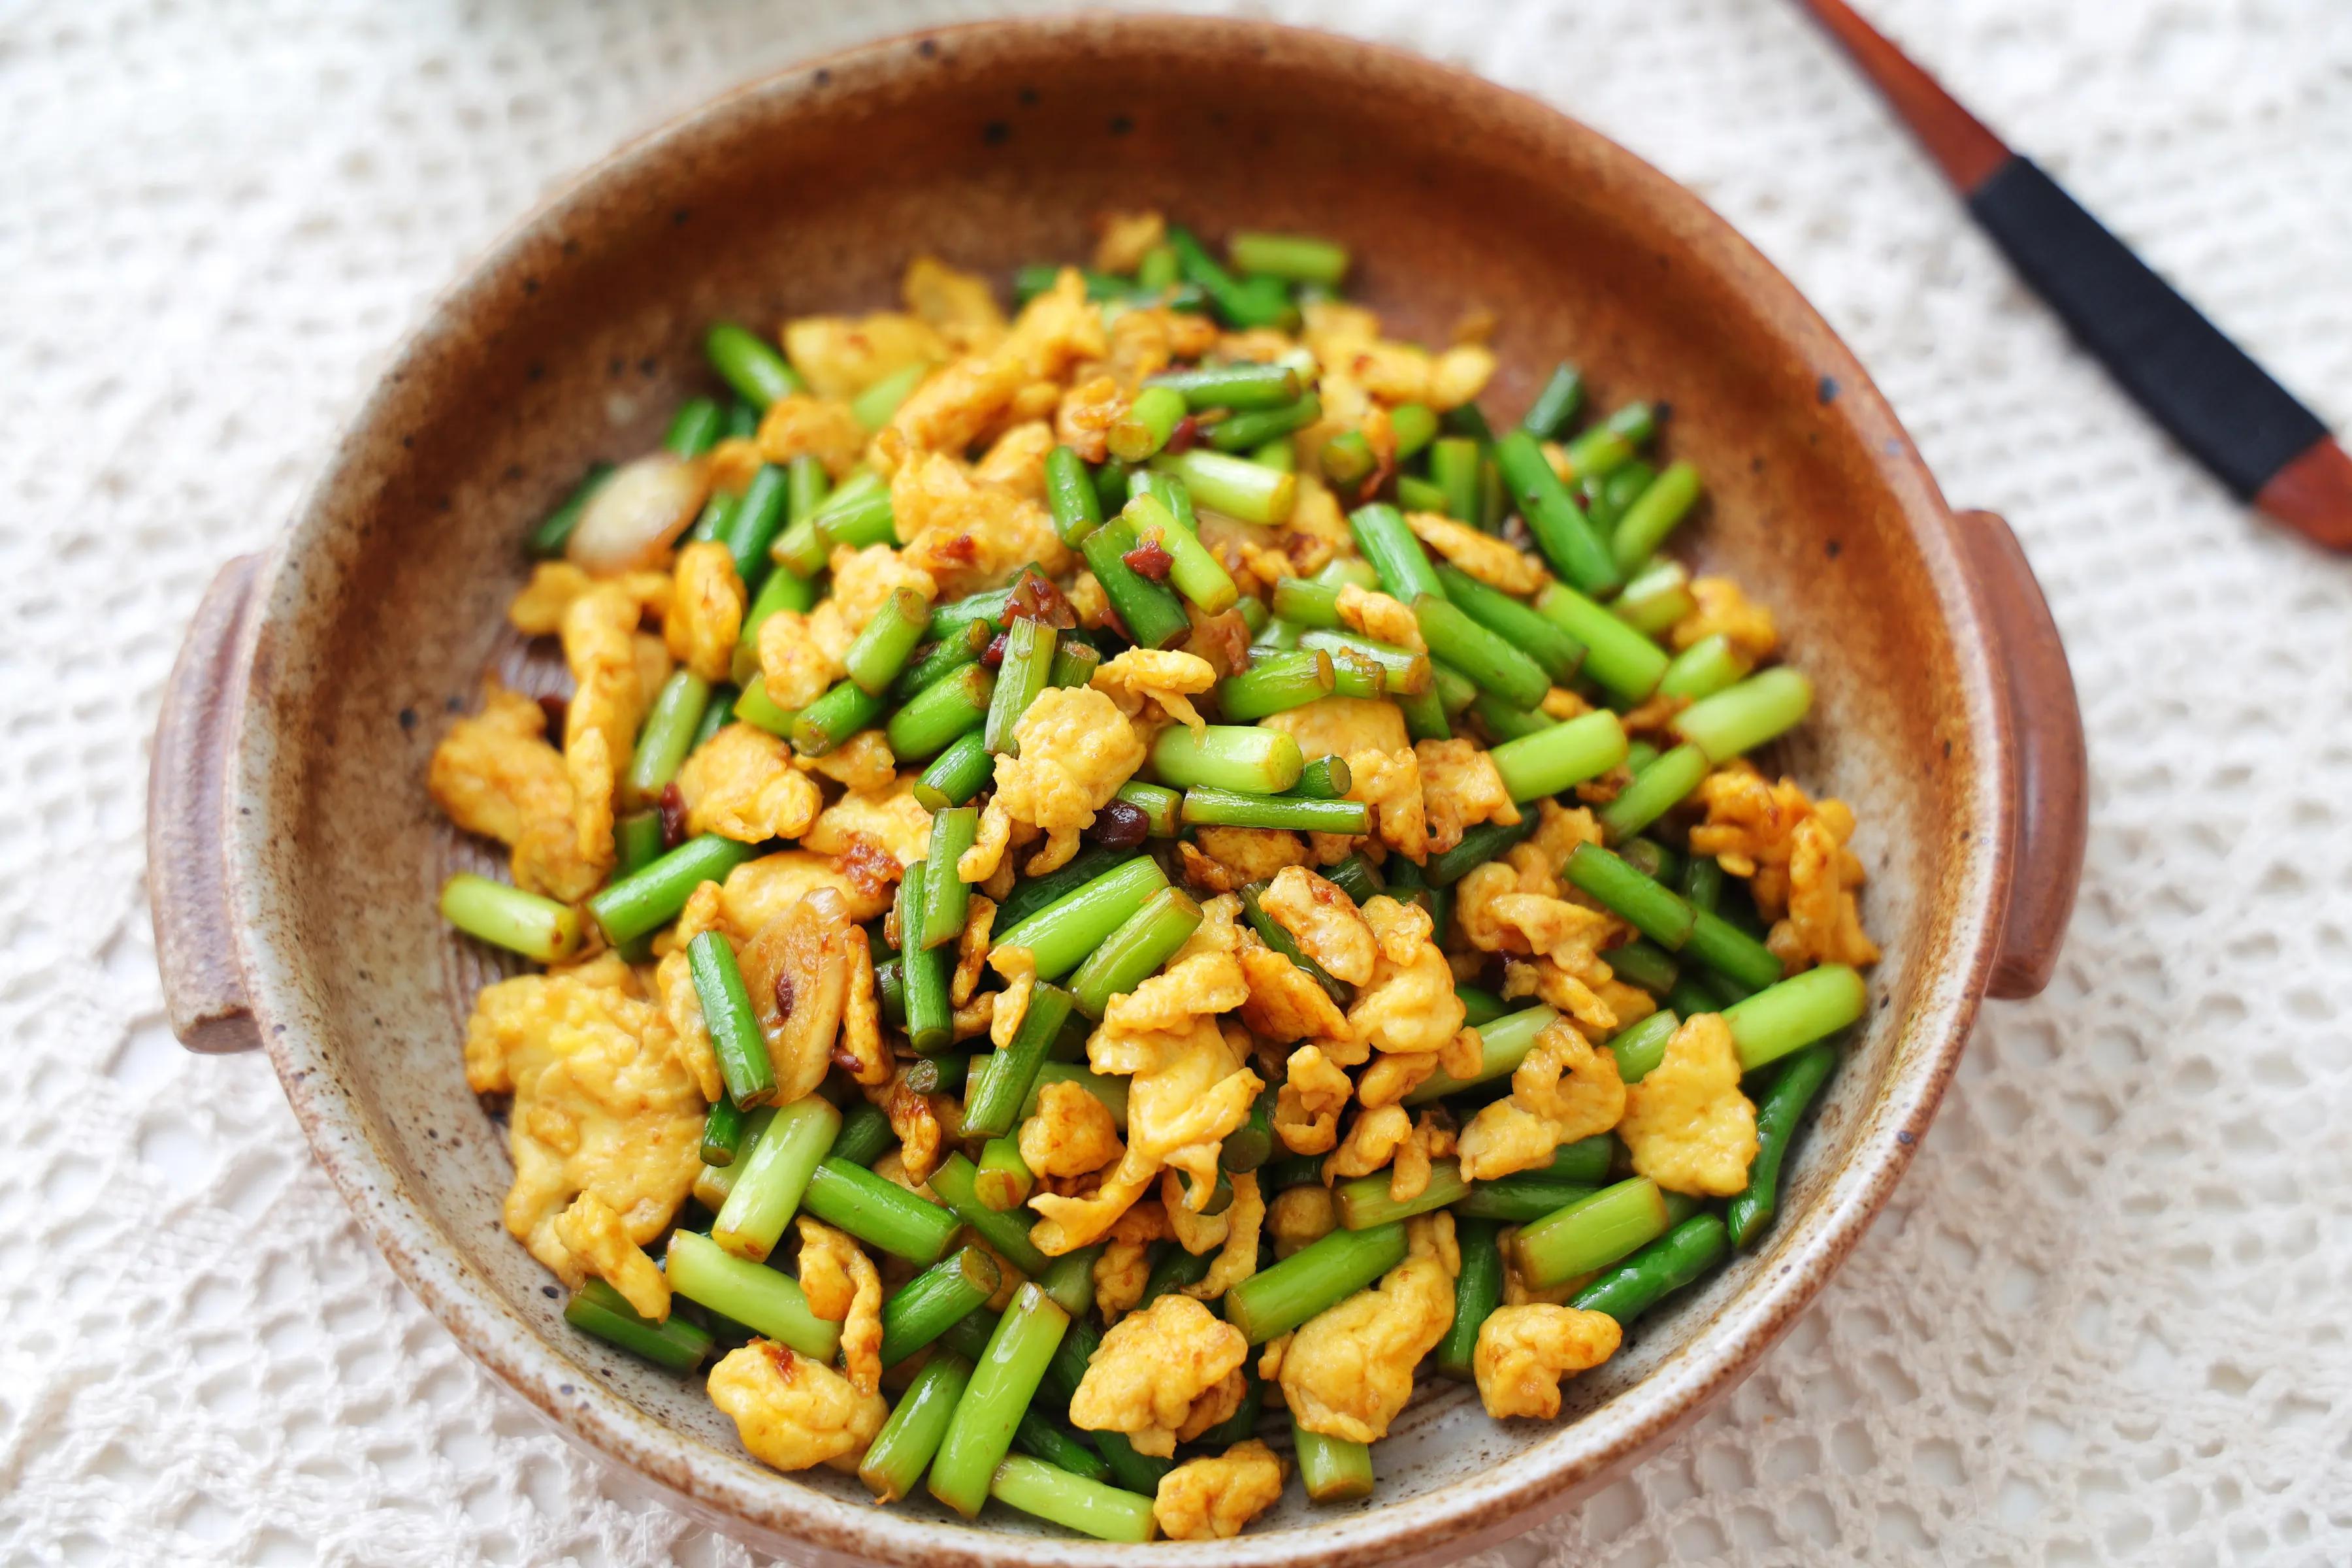 鸡蛋和蒜薹的新吃法,酱香美味,鲜嫩好吃,特下饭!一定要试试 美食做法 第1张